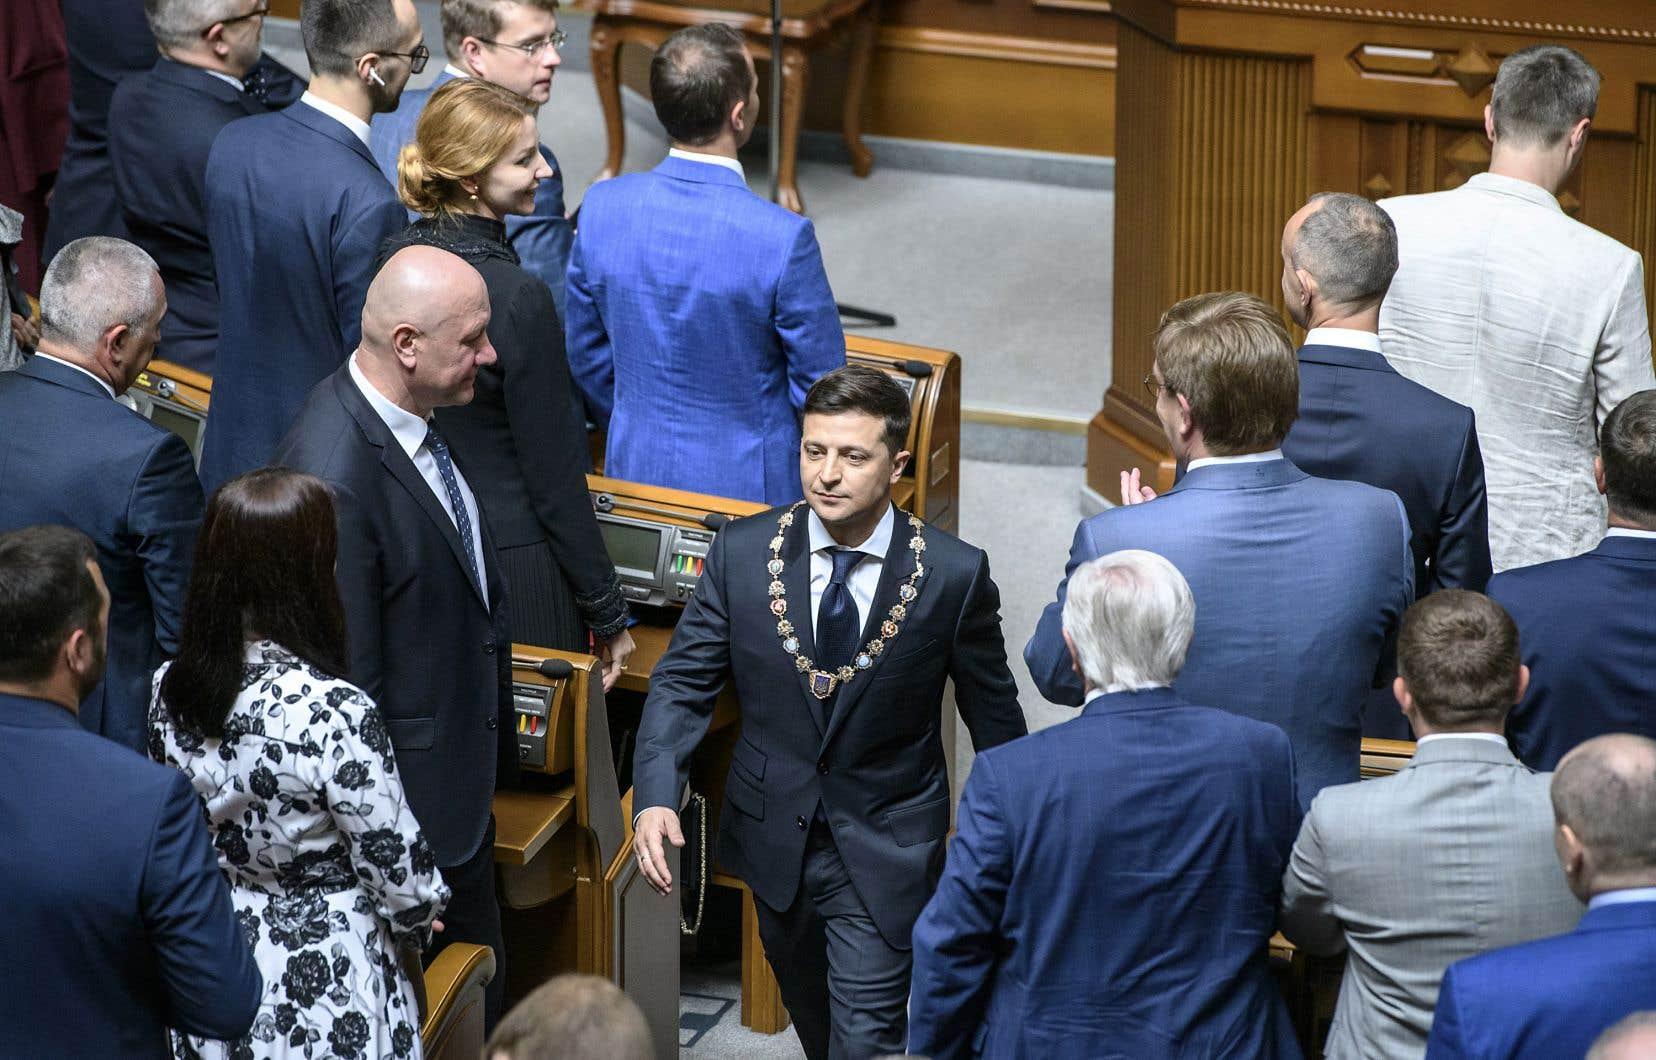 Volodymyr Zelensky s'engage à maintenir le cap pro-occidental qu'a déjà pris l'ex-république soviétique.